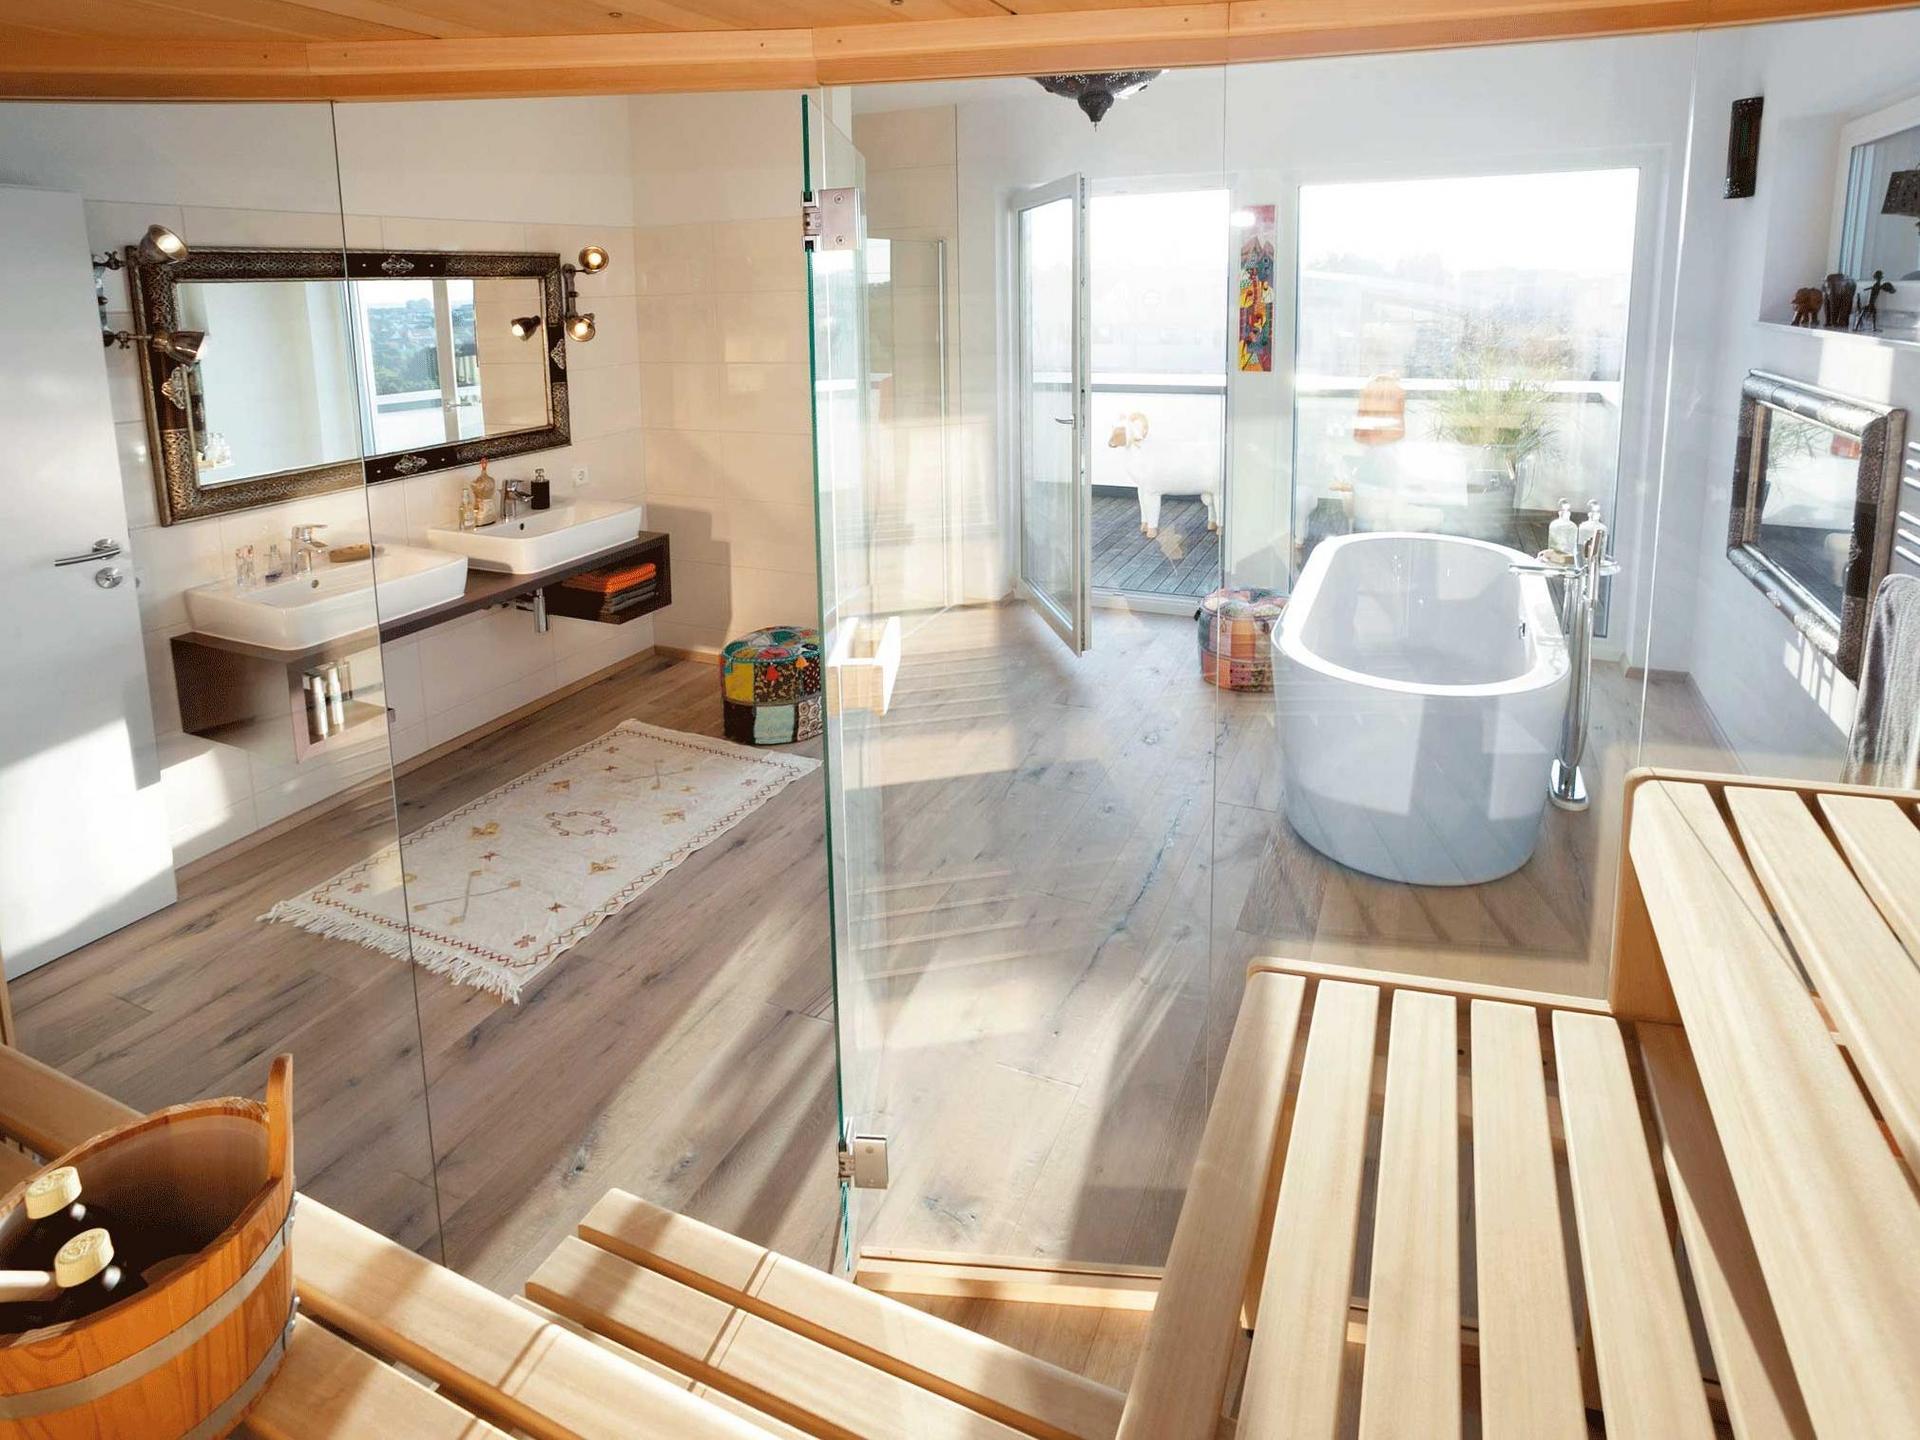 Glamorous Bad Mit Freistehender Badewanne Gallery Of Wellnessbereich Sauna Und